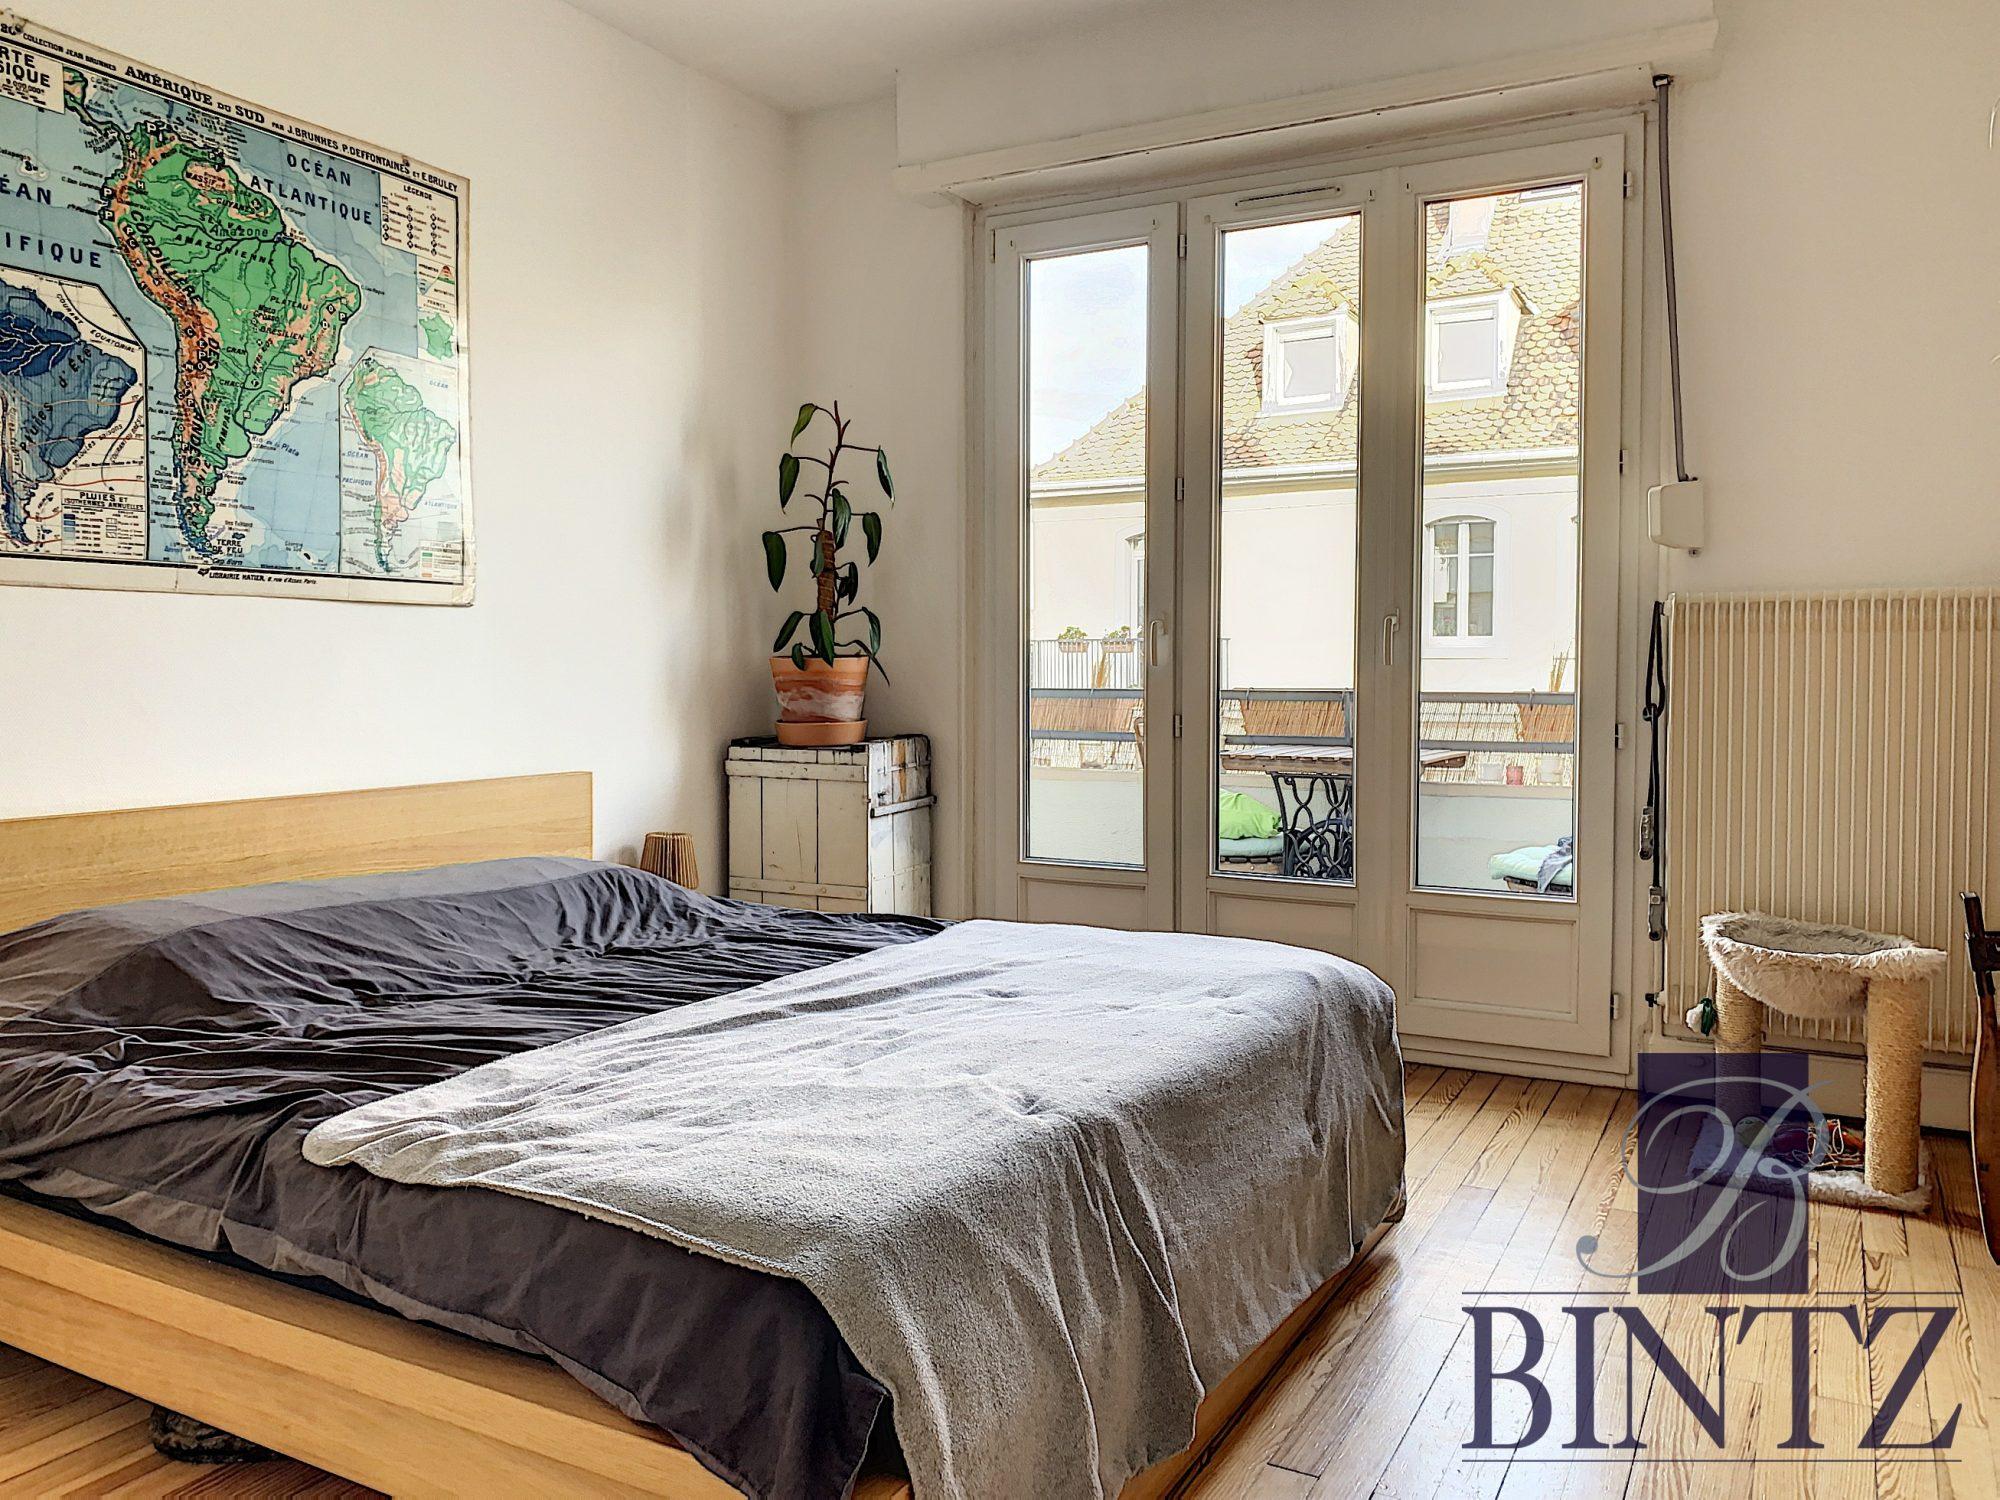 HORRIBLE 2 PIECES - Devenez locataire en toute sérénité - Bintz Immobilier - 4